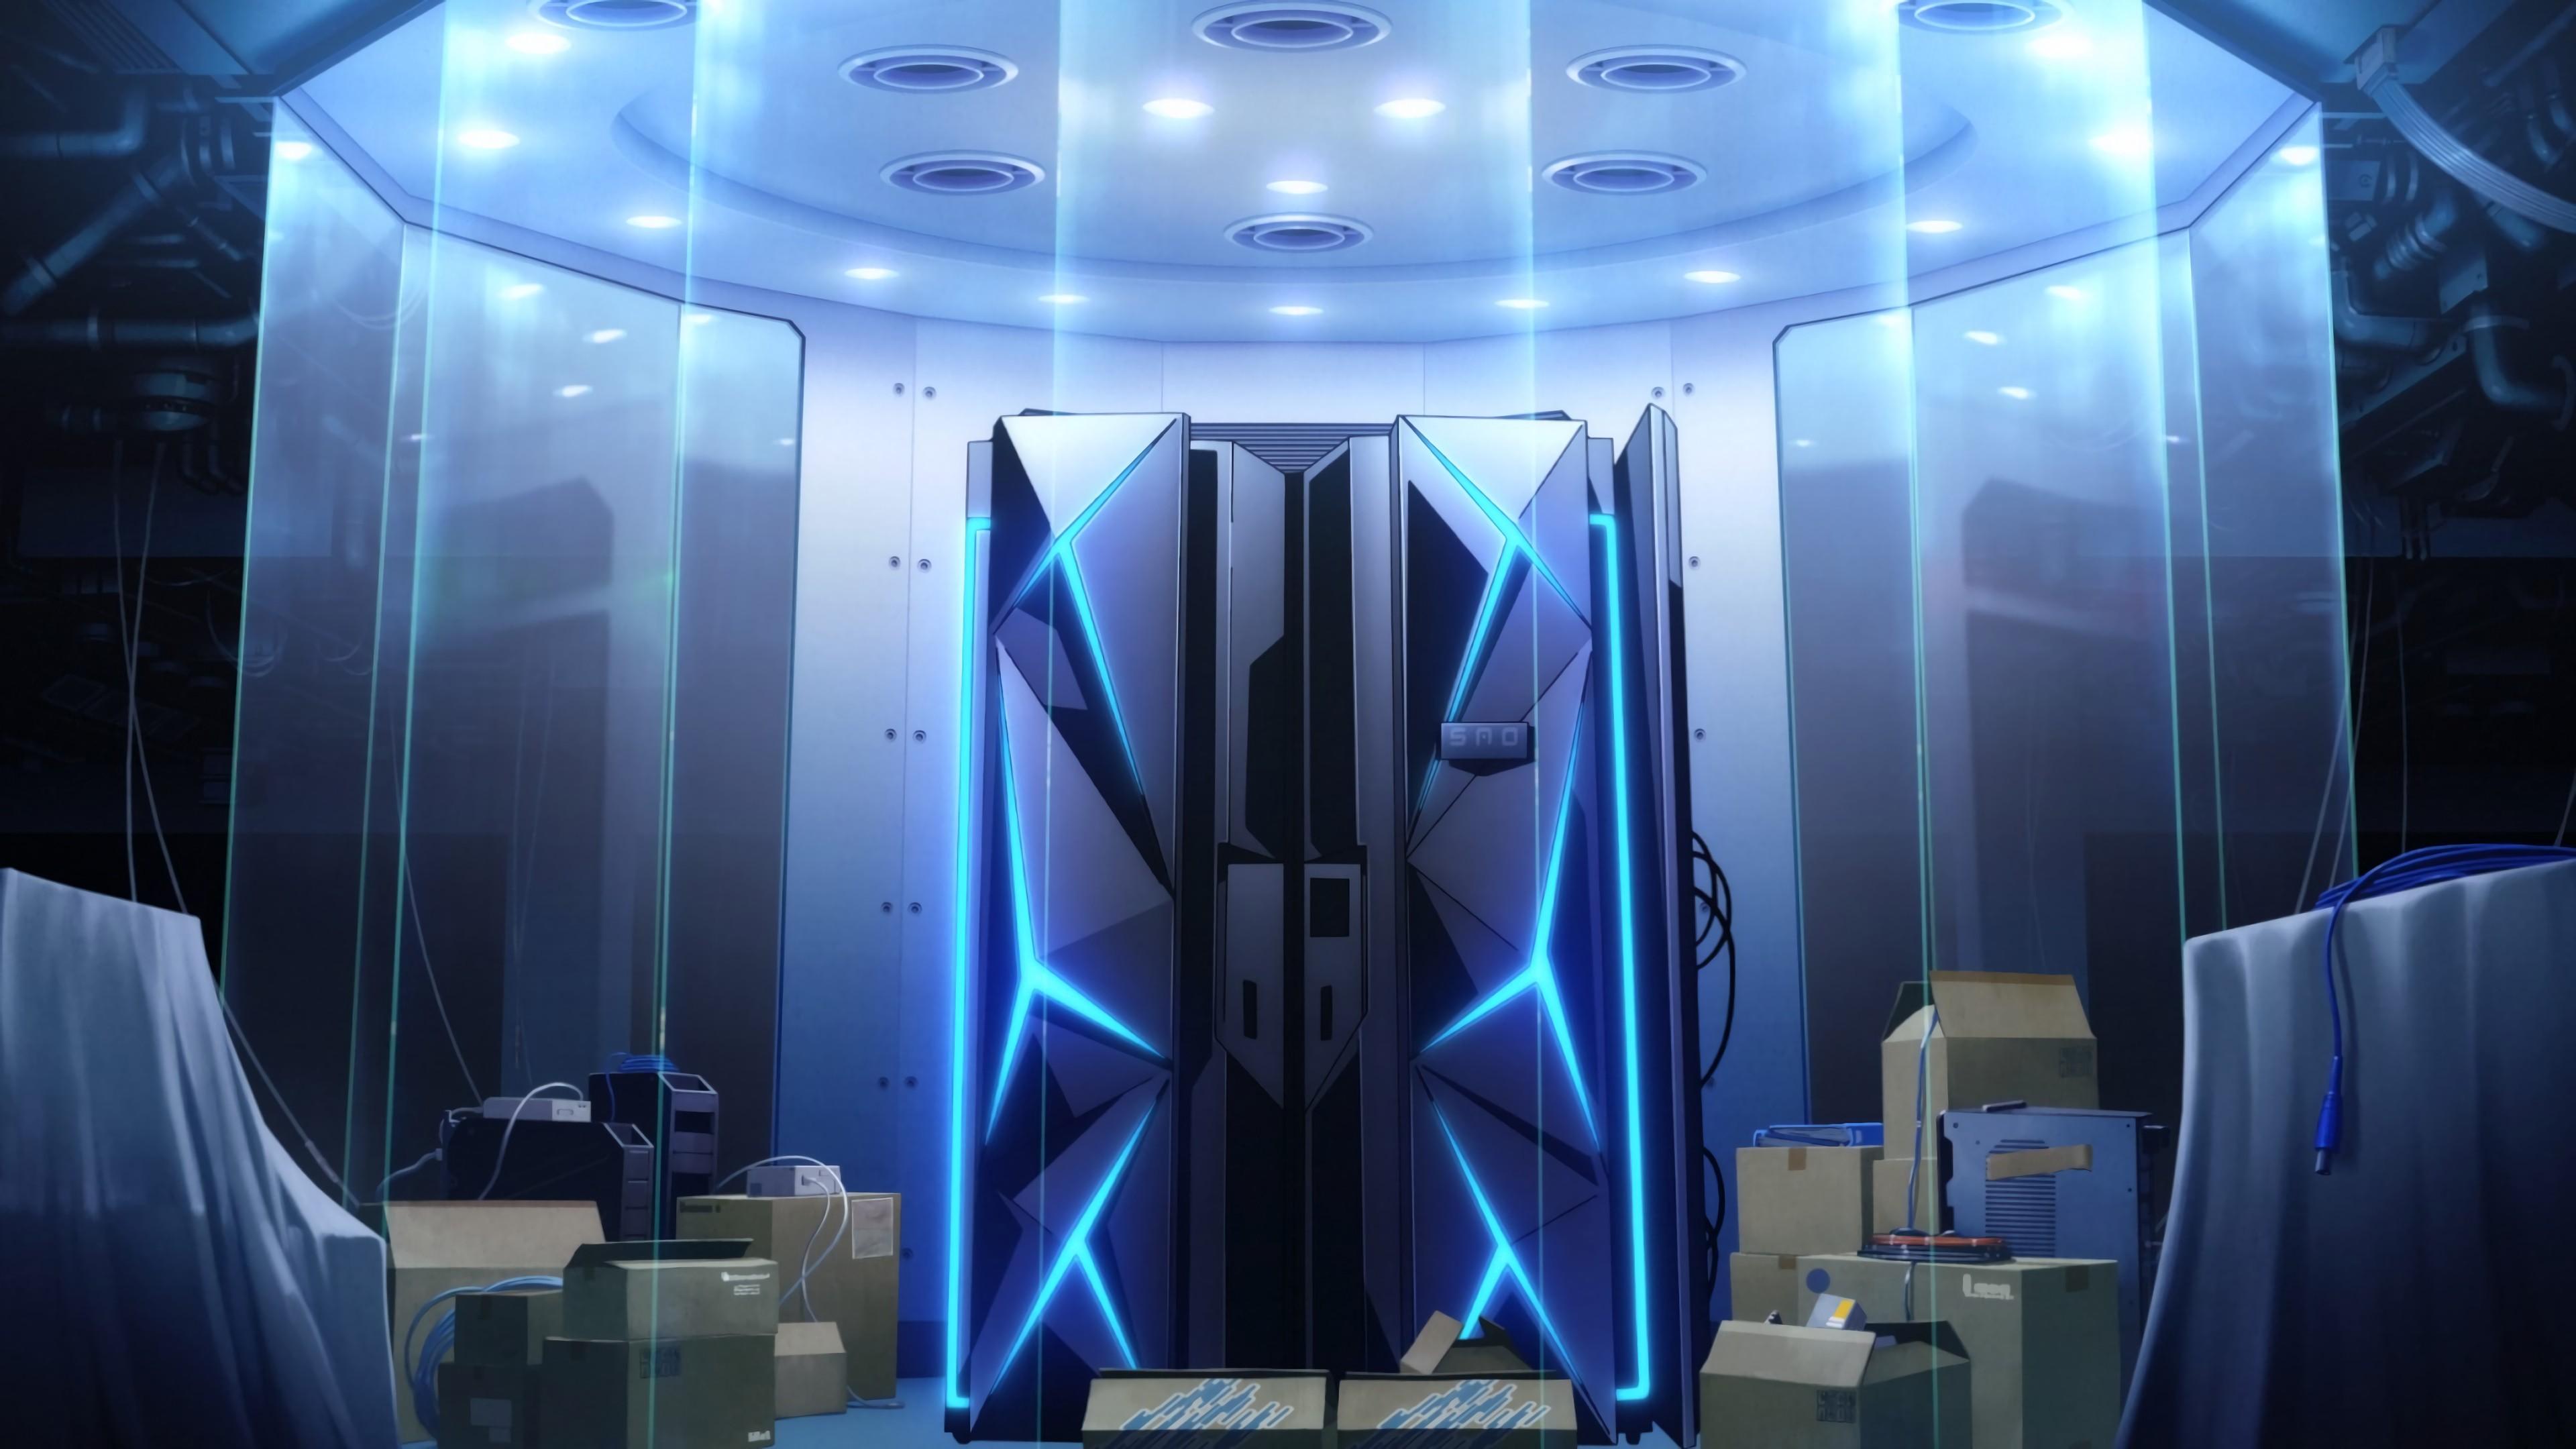 デスクトップ壁紙 3840x2160 Px ボックス 未来 ガラス Ibm